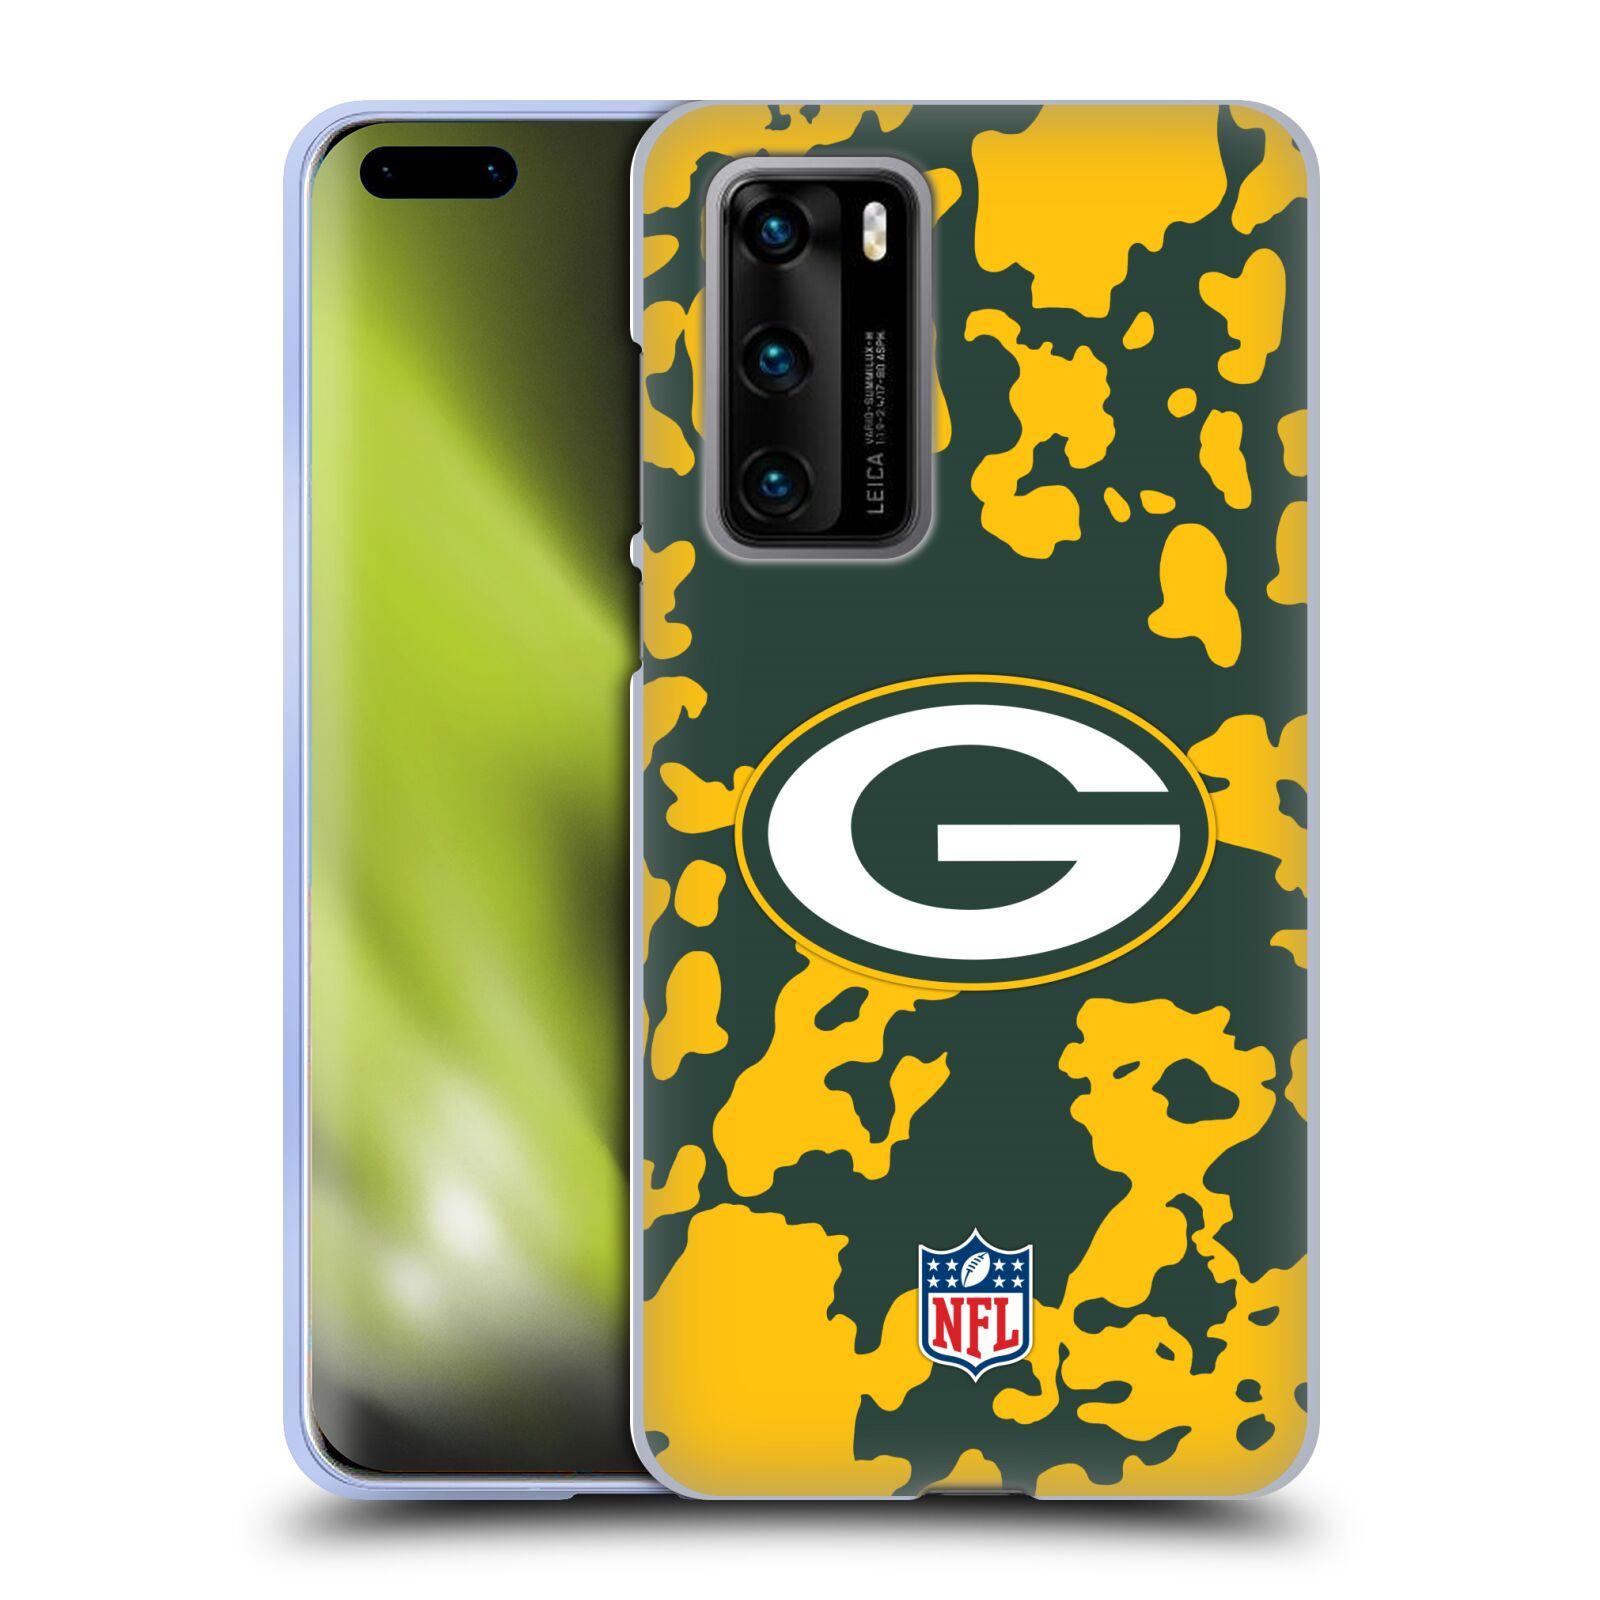 オフィシャル 気質アップ NFL グリーンベイ パッカーズ アート ソフトジェルケース Huawei 電話 買物 2